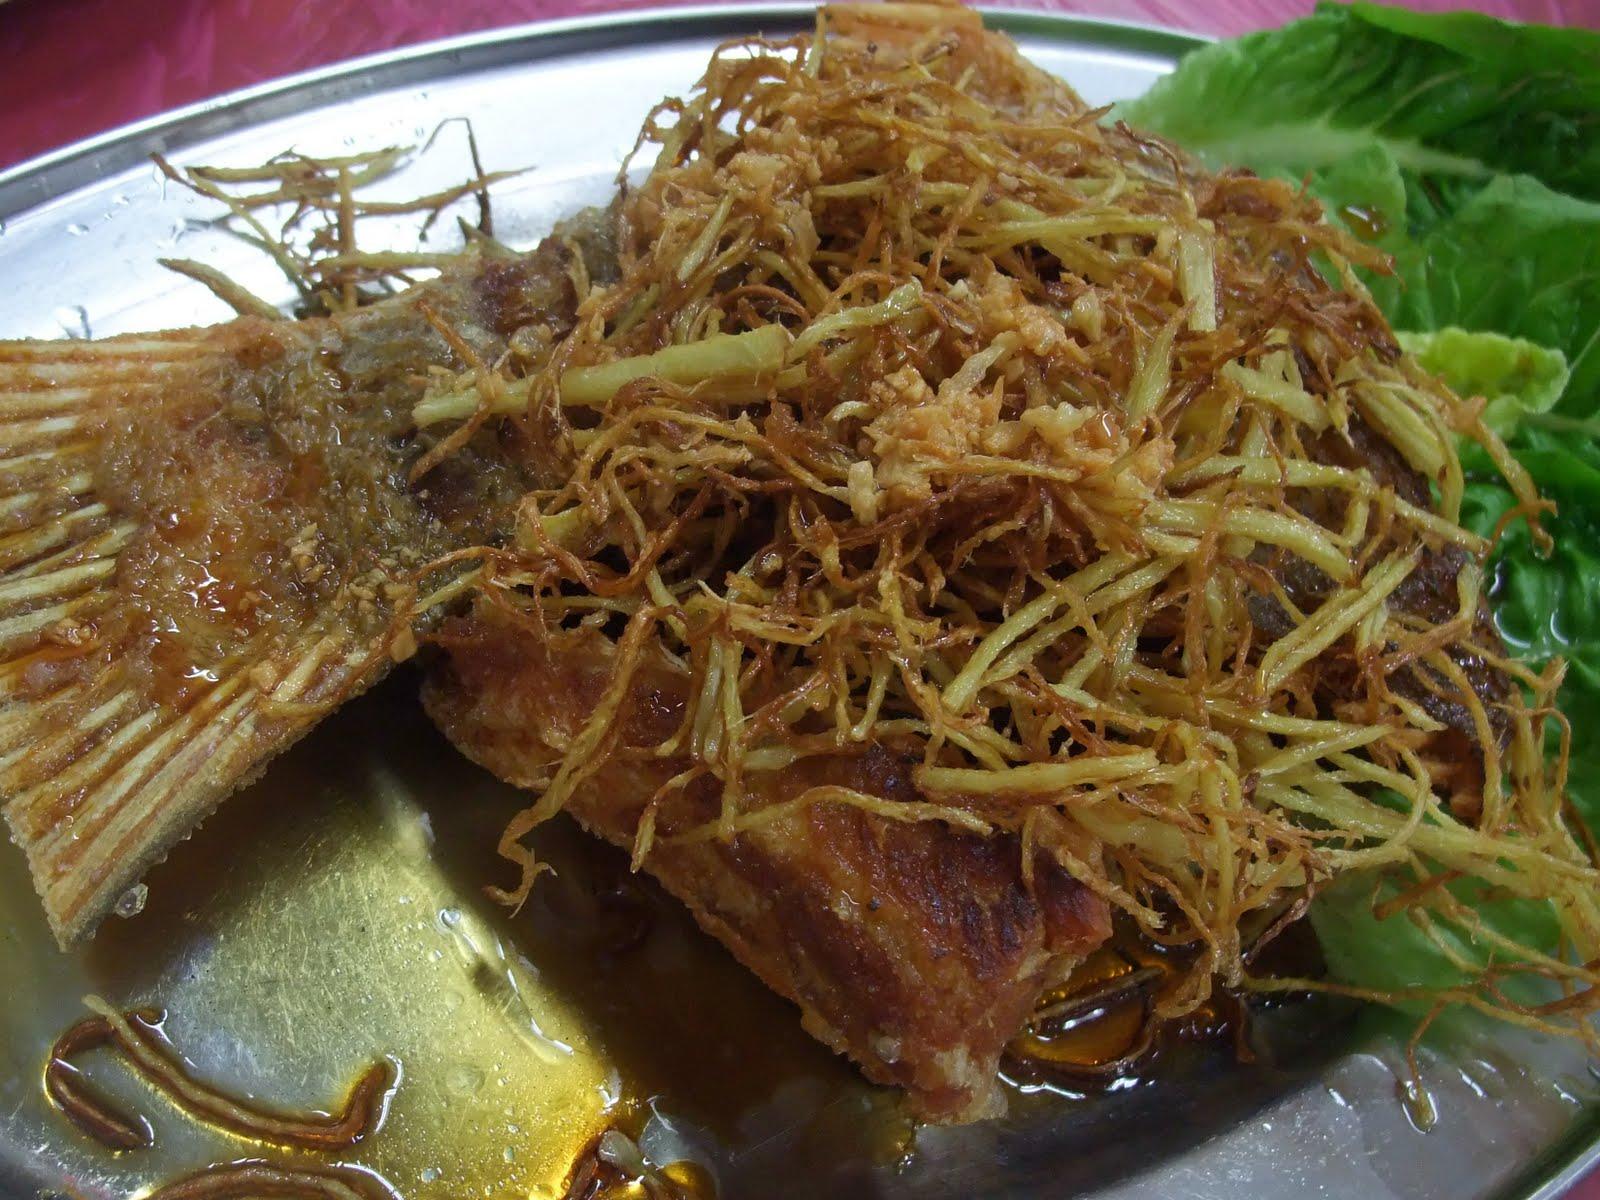 Happy happy restoran new cheow sang taman mayang jaya for Deep fried fish